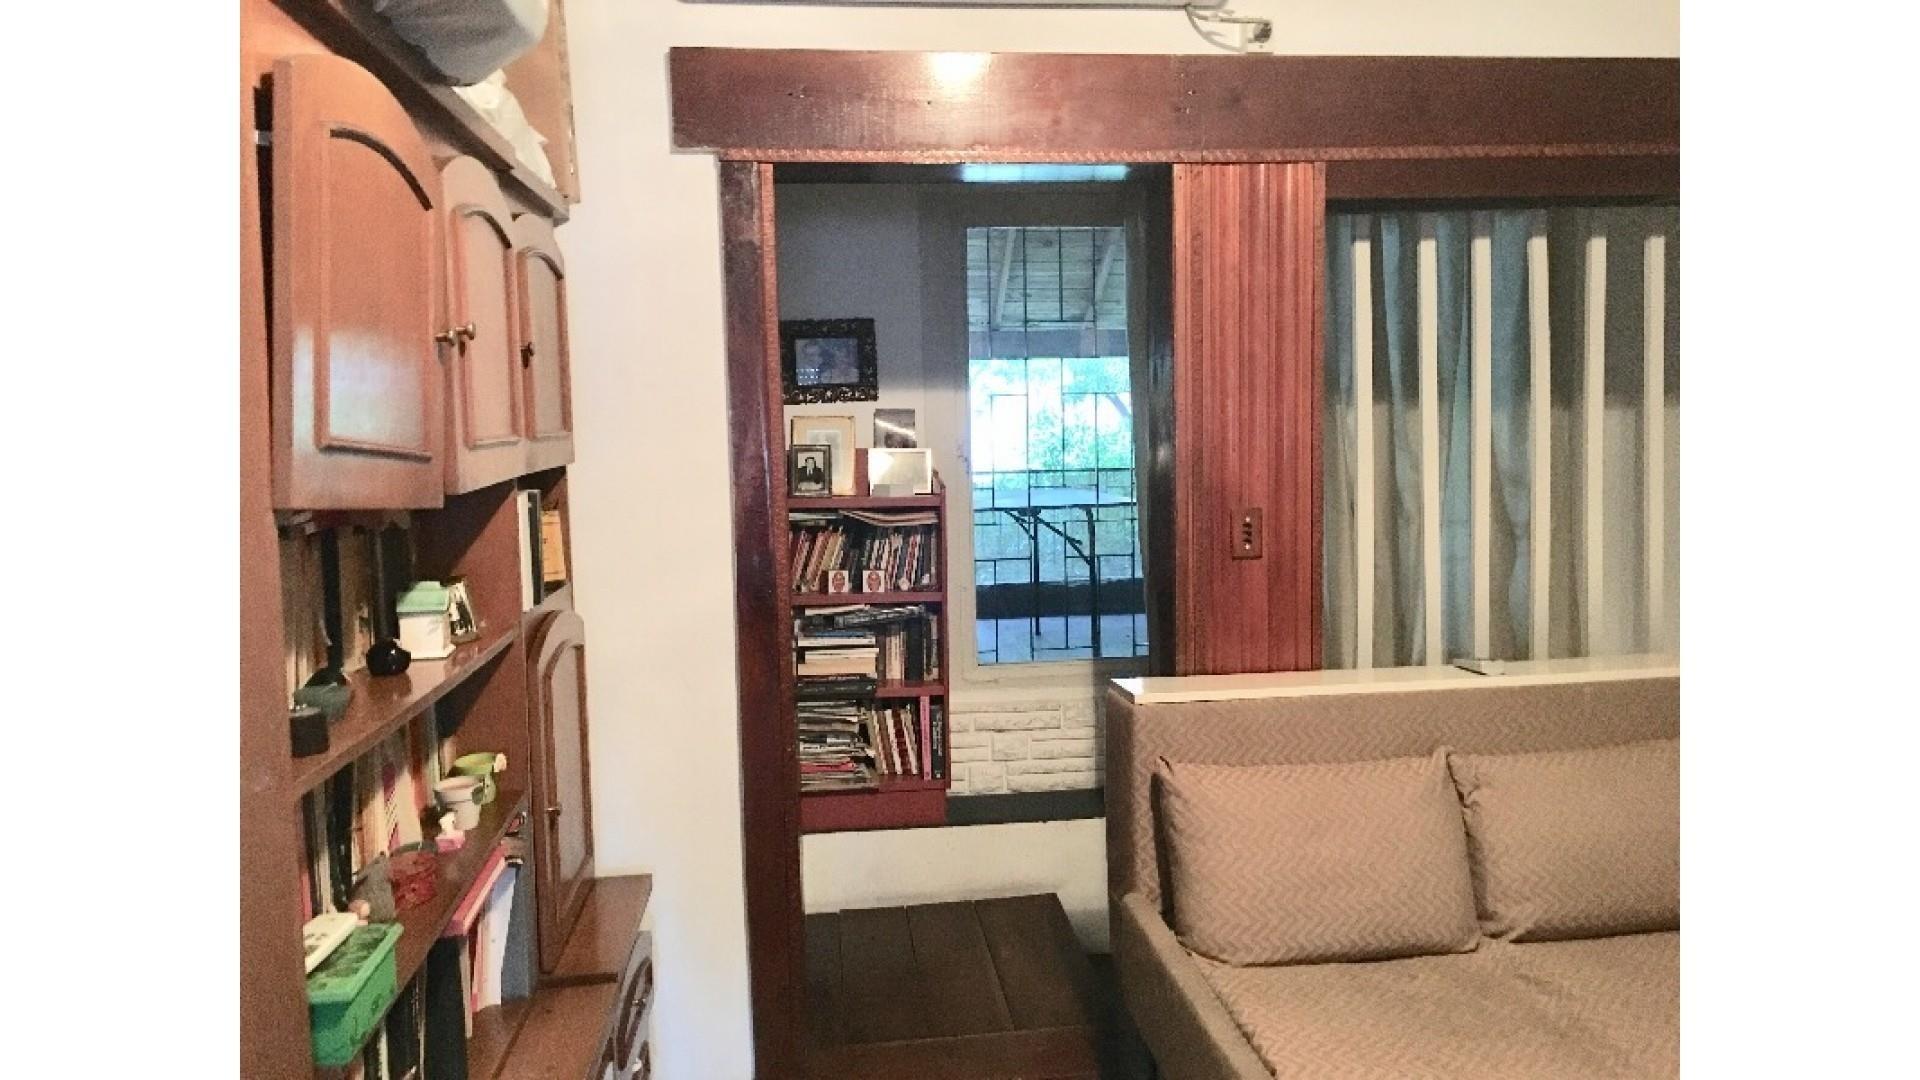 4 dormitorios - gran playroom - fondo arbolado - Foto 19